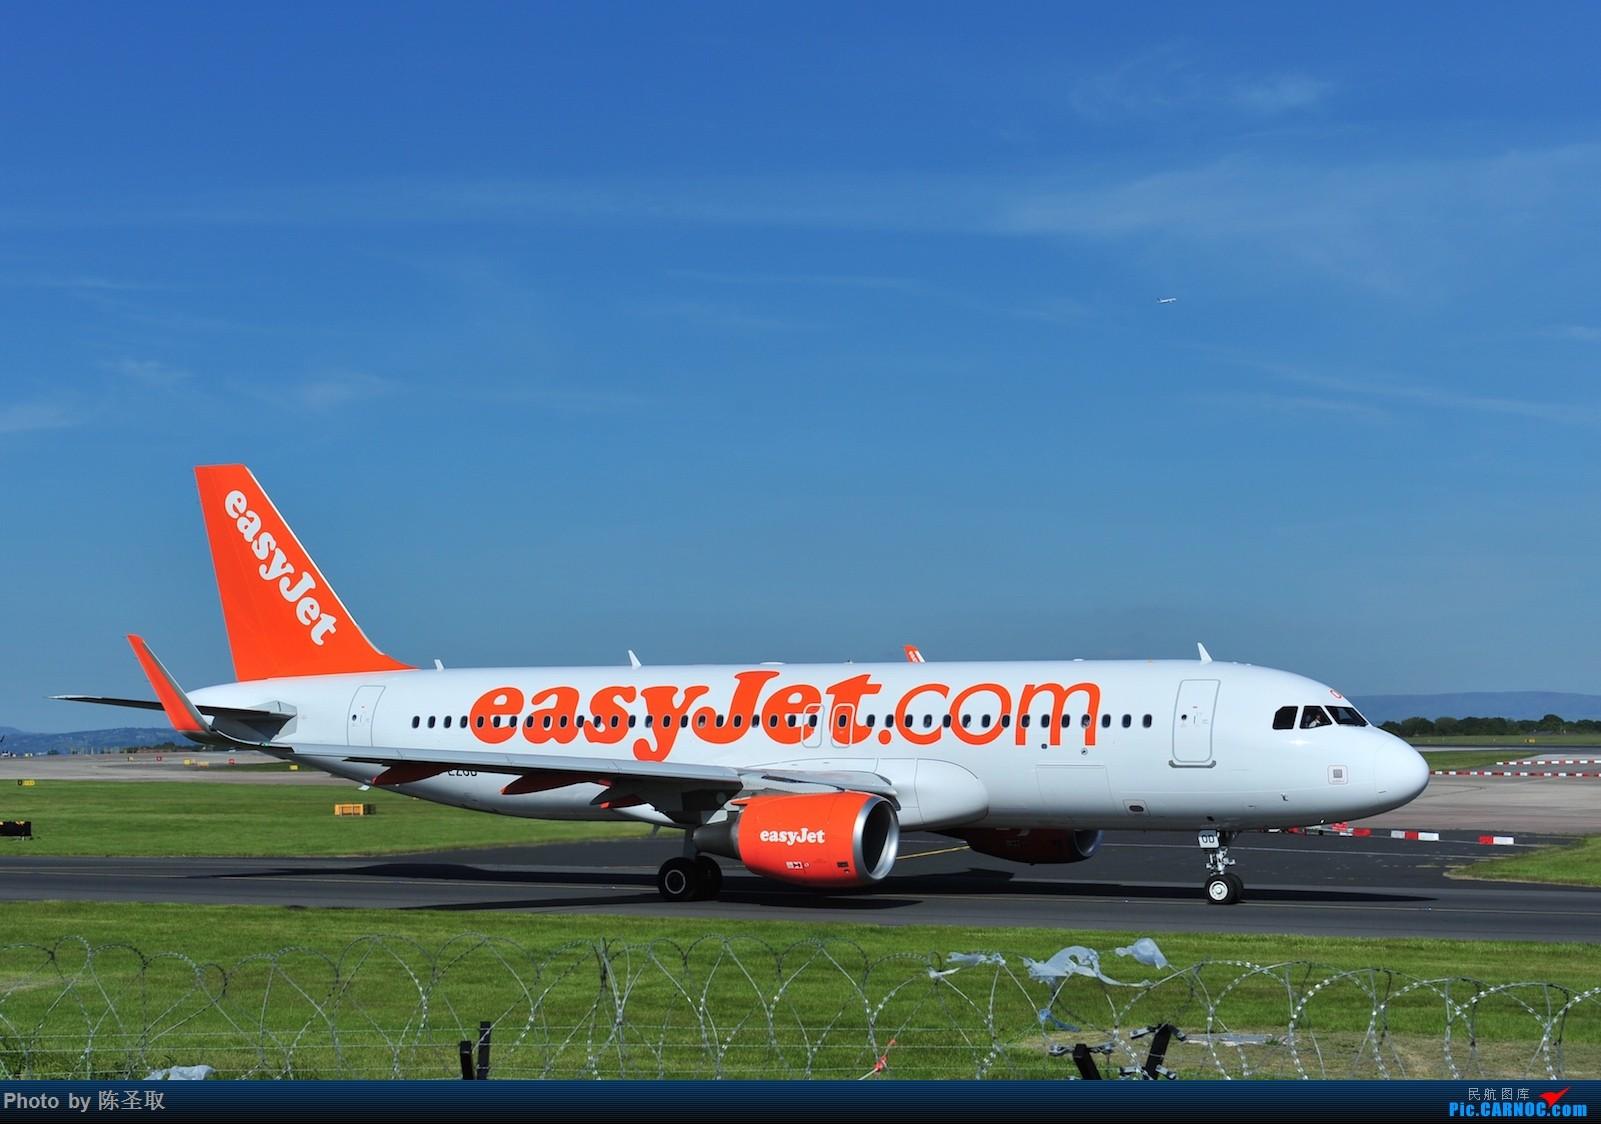 Re:[原创]迟来的6月曼城拍机图。廉价航空的天堂,曼彻斯特机场~ AIRBUS A320-214(W) G-EZOD 英国曼彻斯特机场